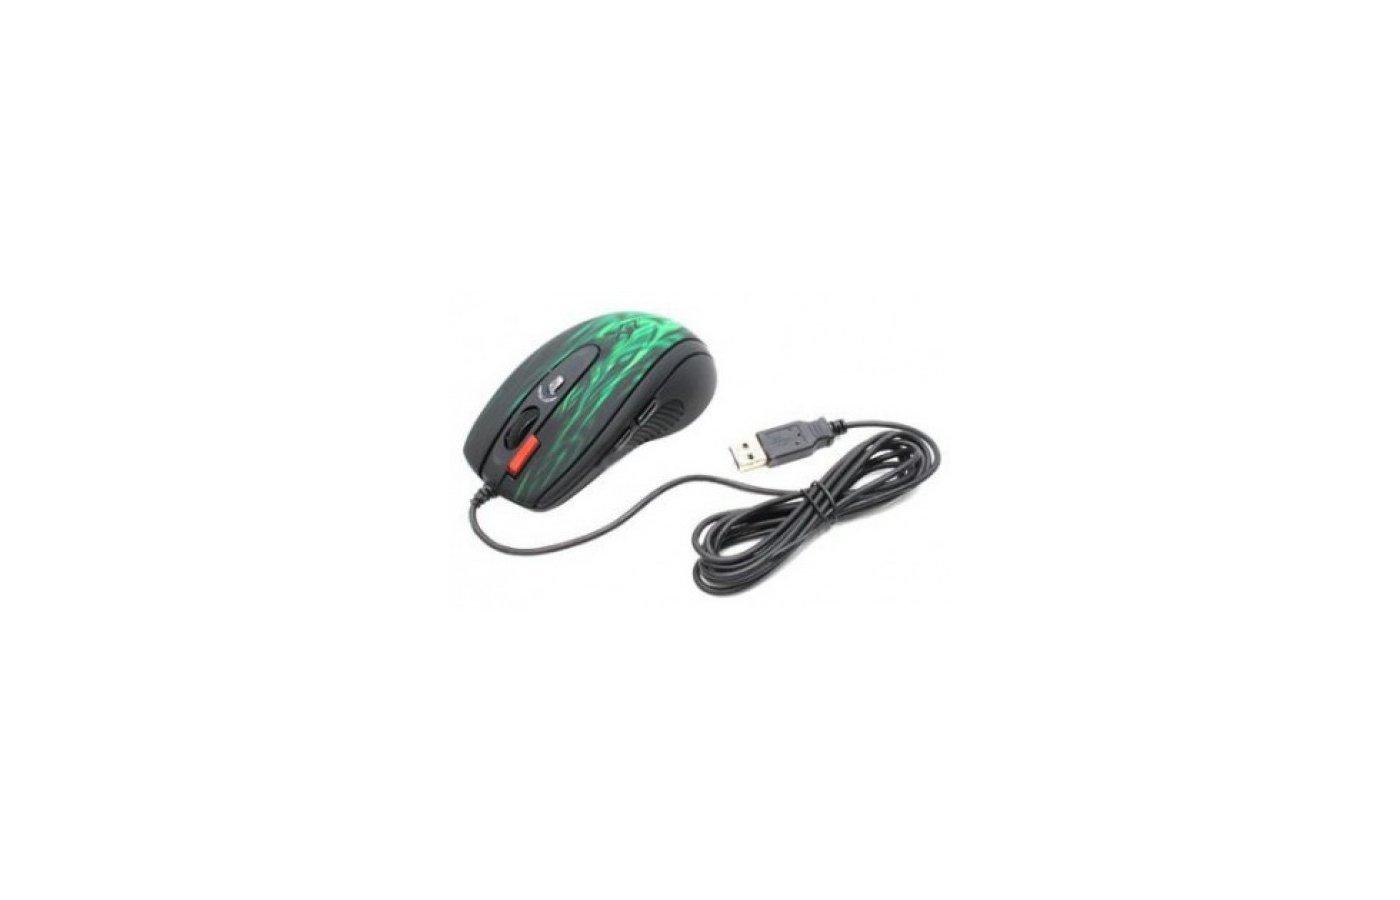 Мышь проводная A4Tech XL-750BK зеленый/черный лазерная (3600dpi) USB2.0 игровая (6but)